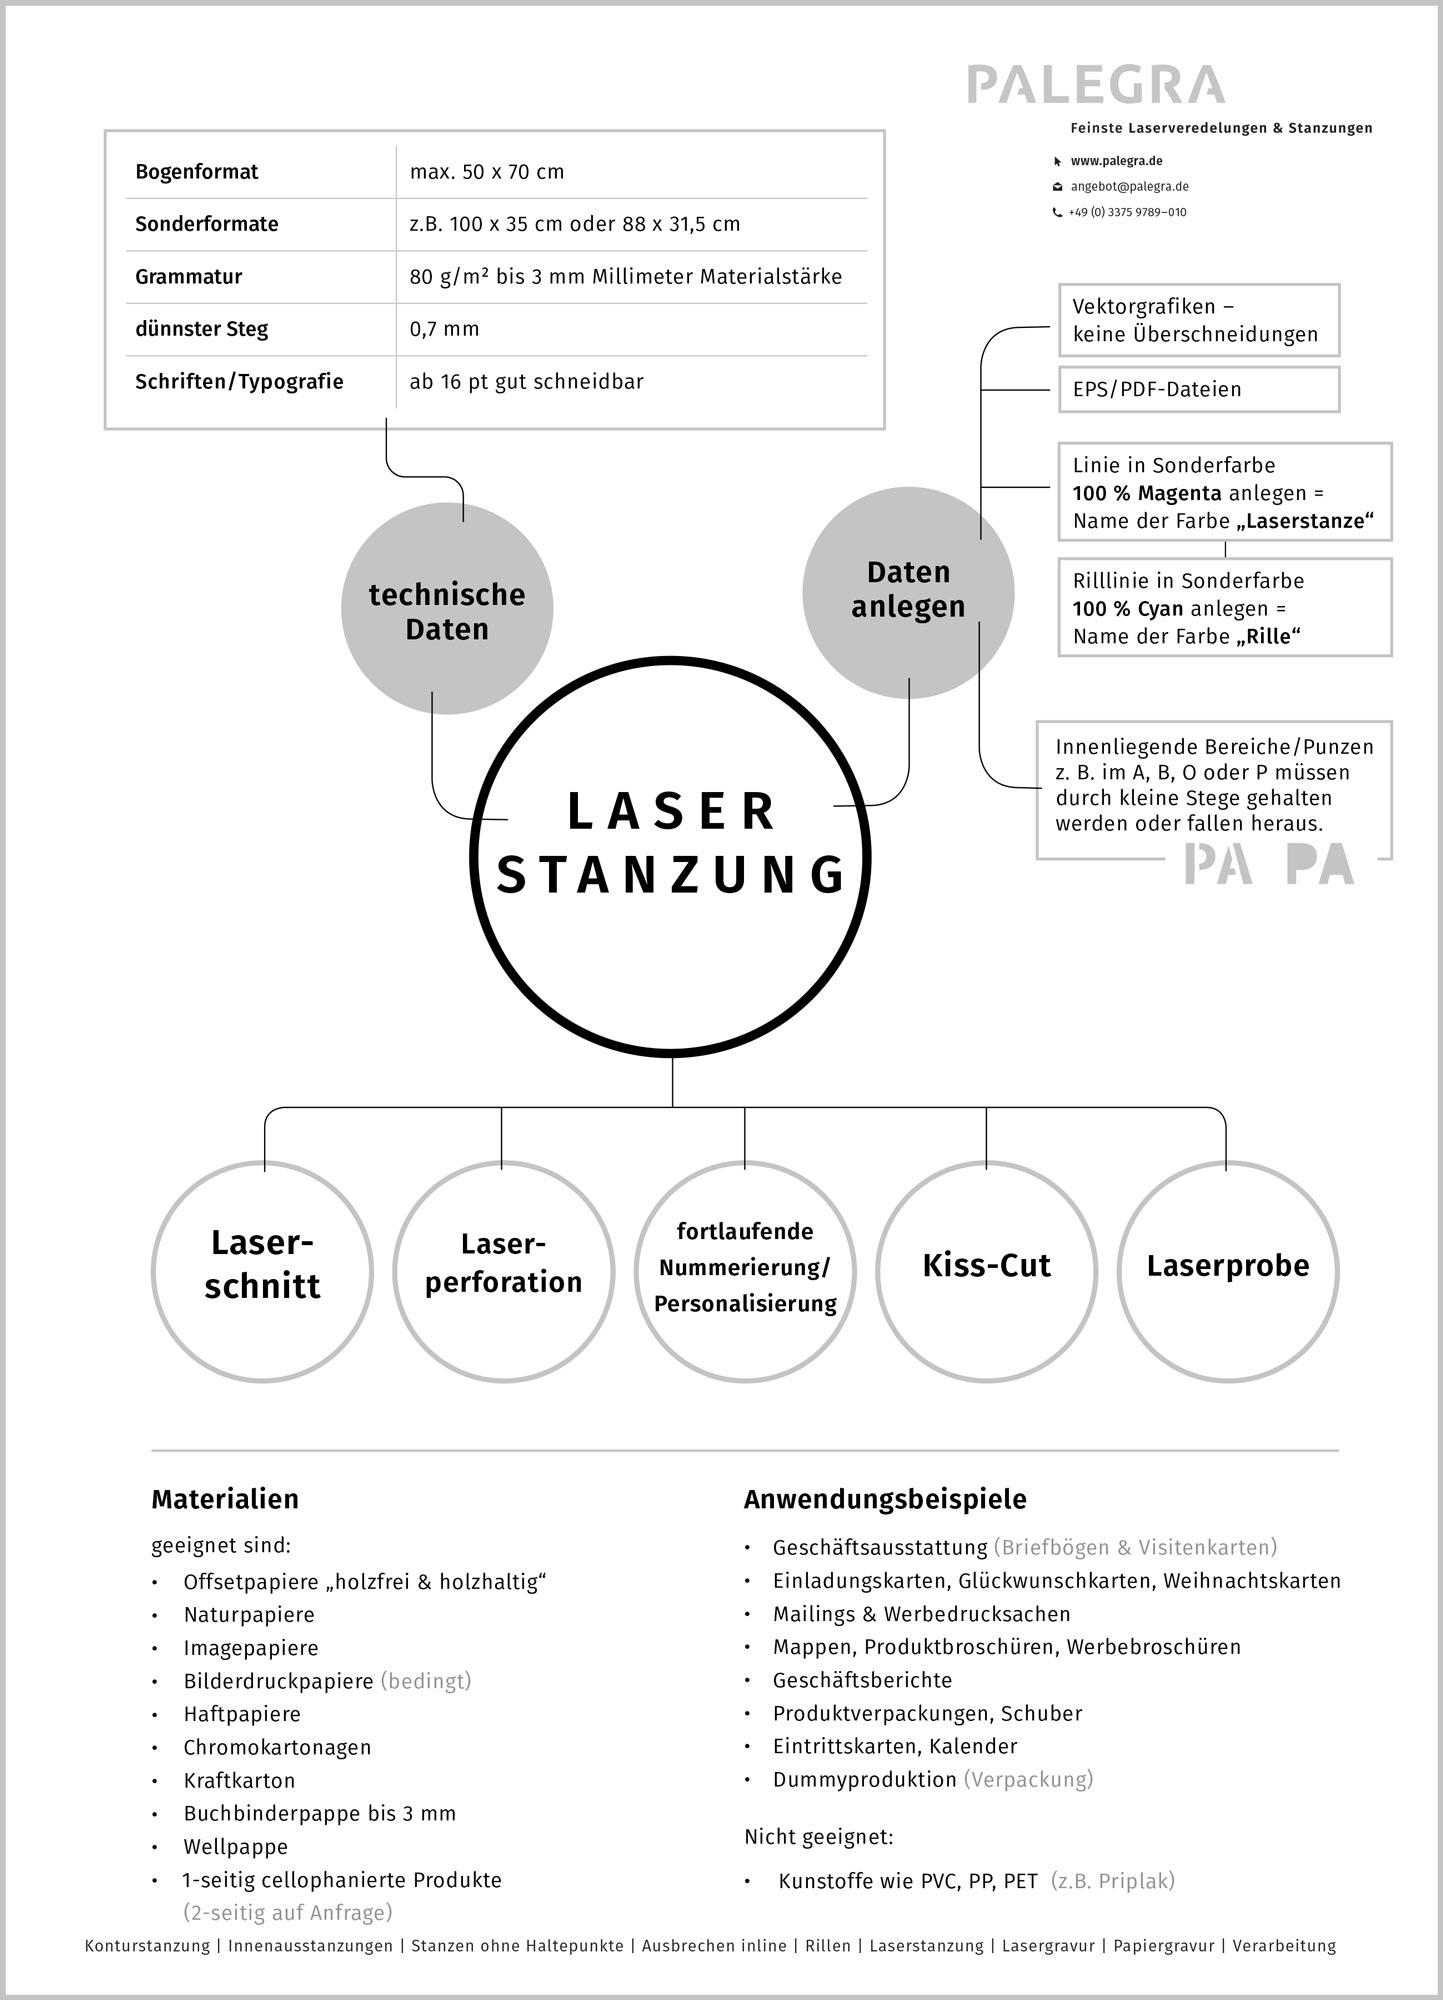 Palegra veredelt Papier und Karton. Konturstanzung, Innenausstanzungen, Stanzen ohne Haltepunkte, Ausbrechen inline, Rillen, Laserstanzung, Verarbeitung